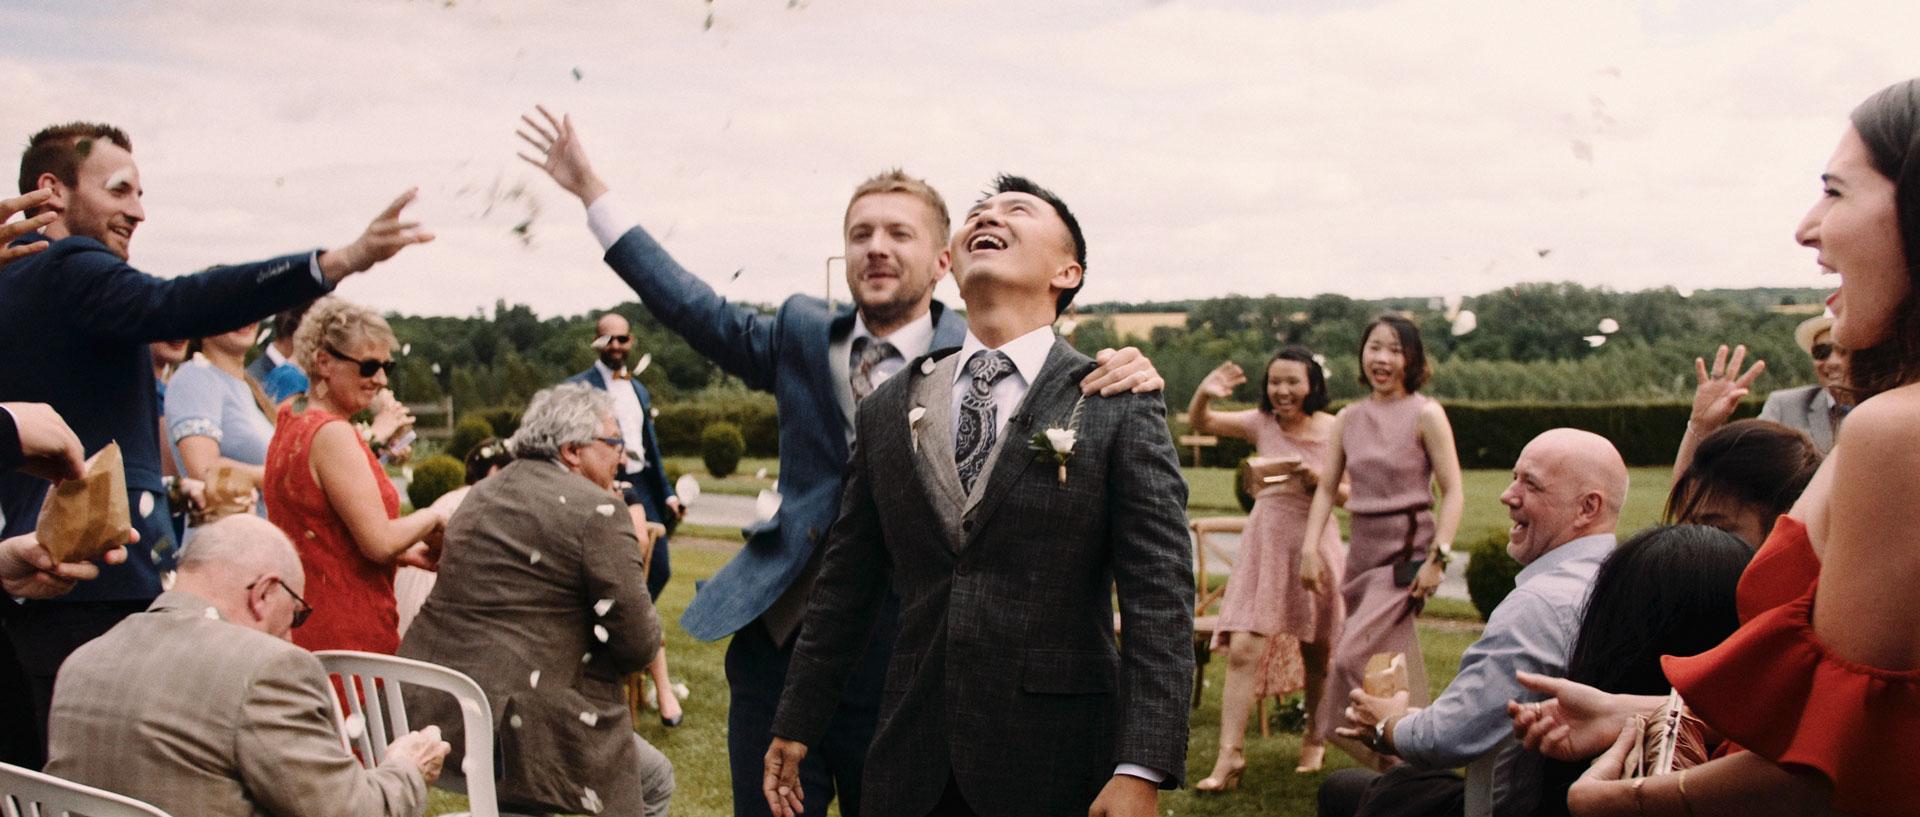 Sam-&-David---Wedding-Film.00_02_16_05.jpg